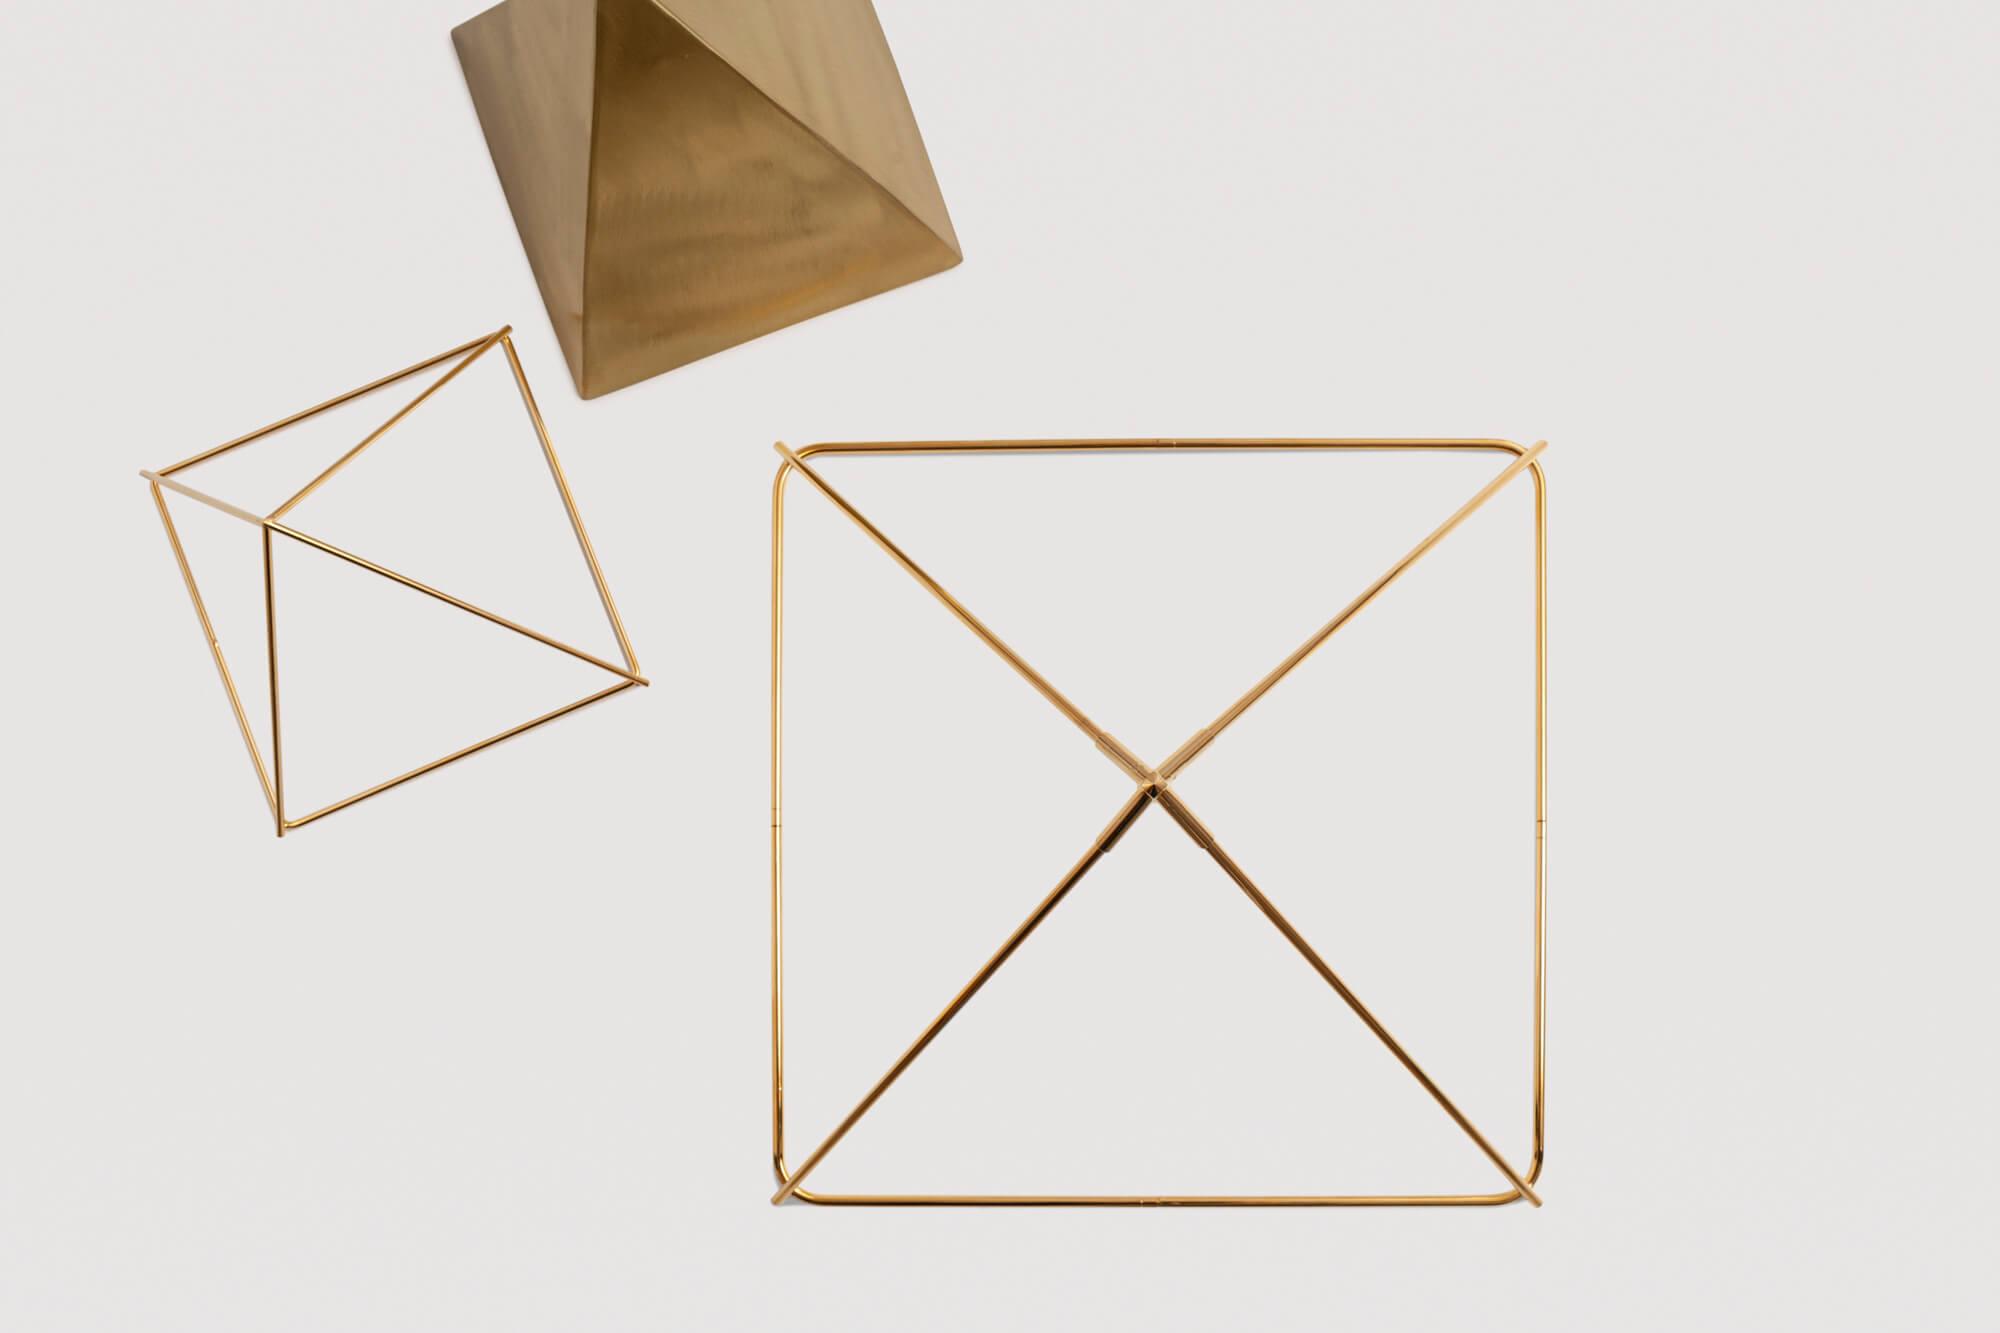 Piramidotecnica